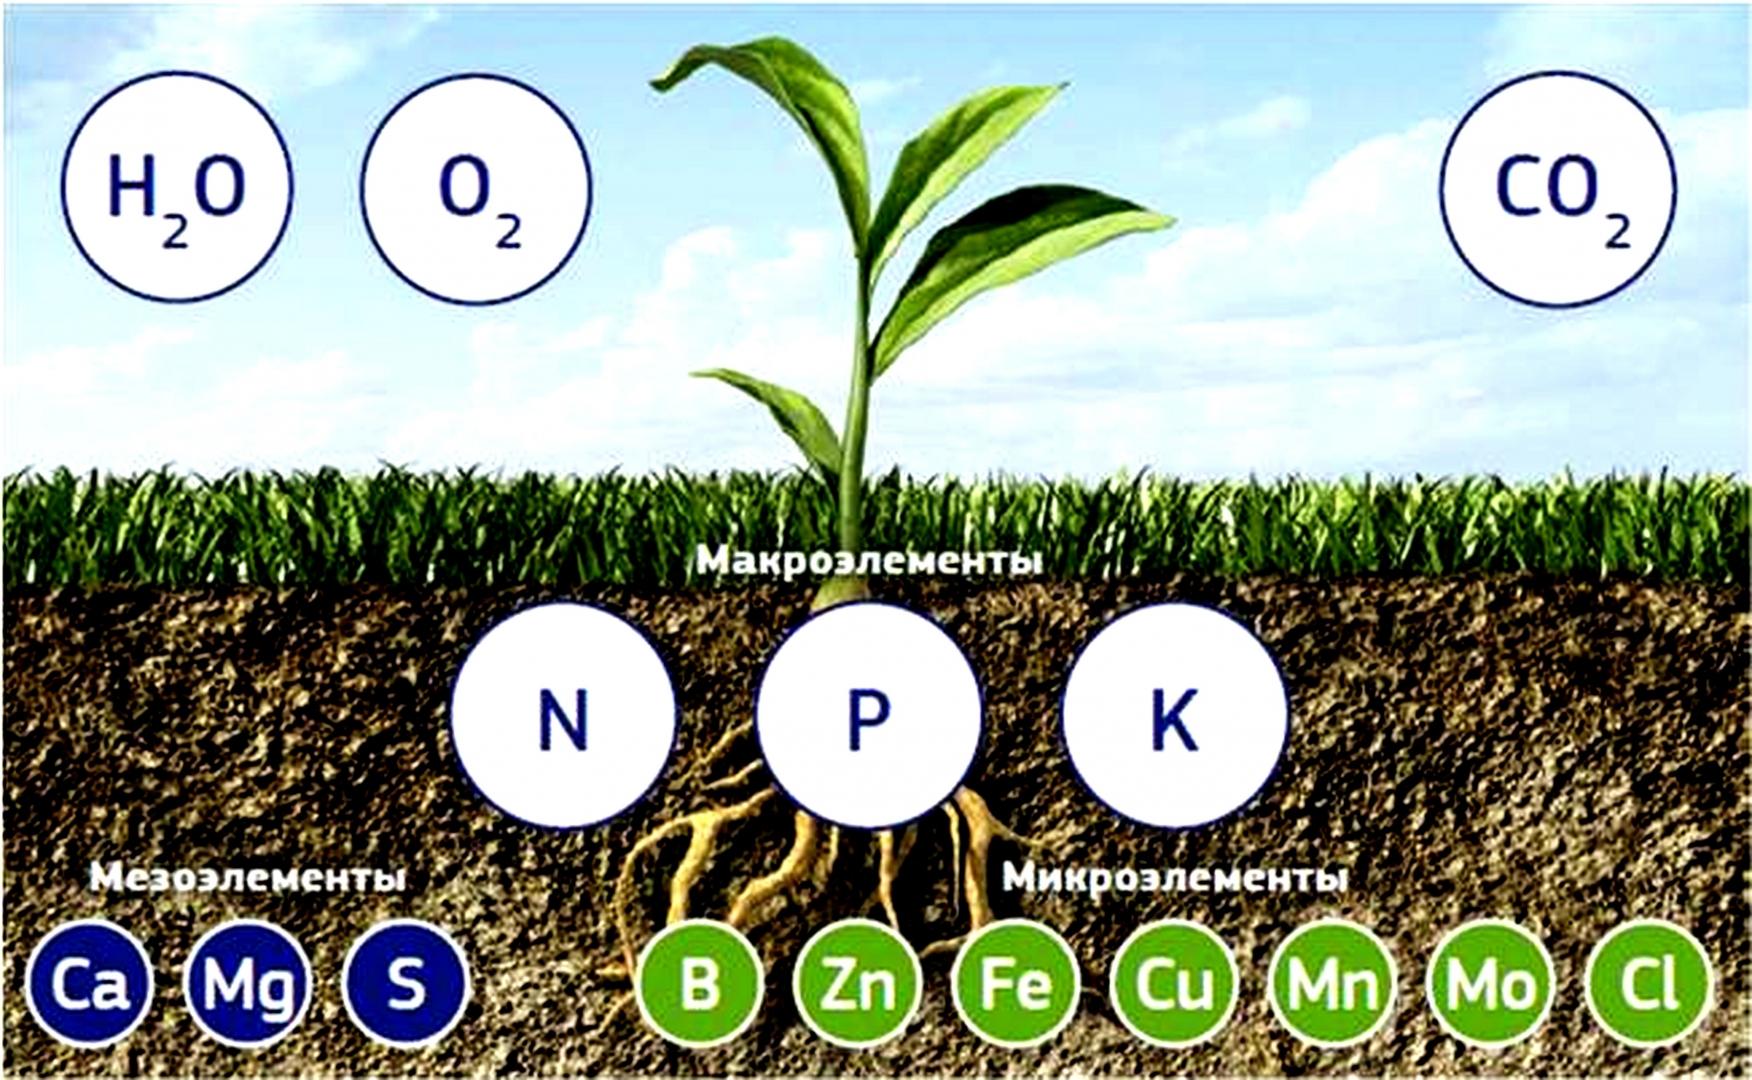 Микроэлементы для растений: что добавить в почву?